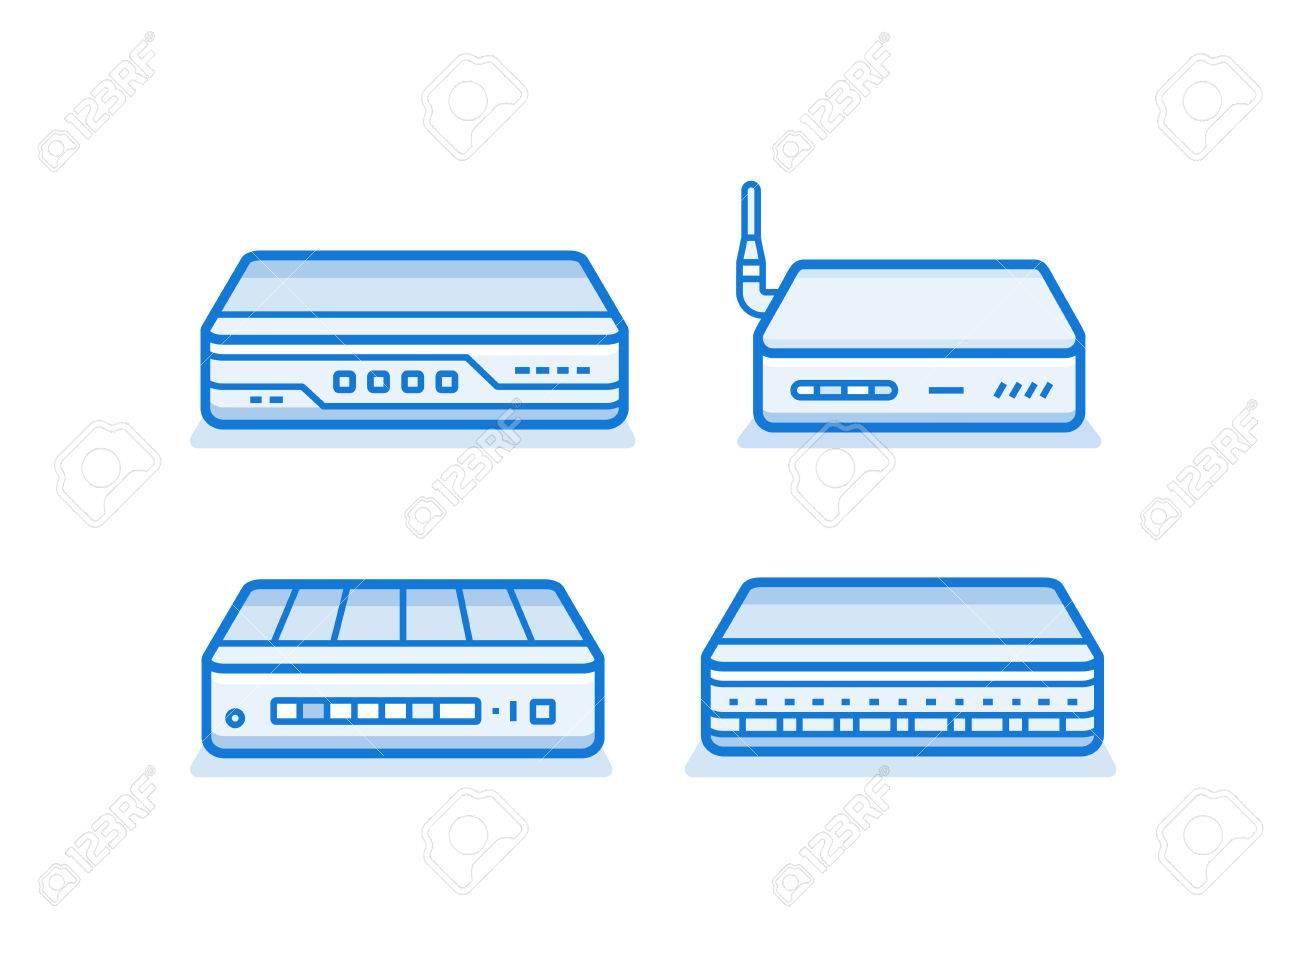 netzwerkhardware